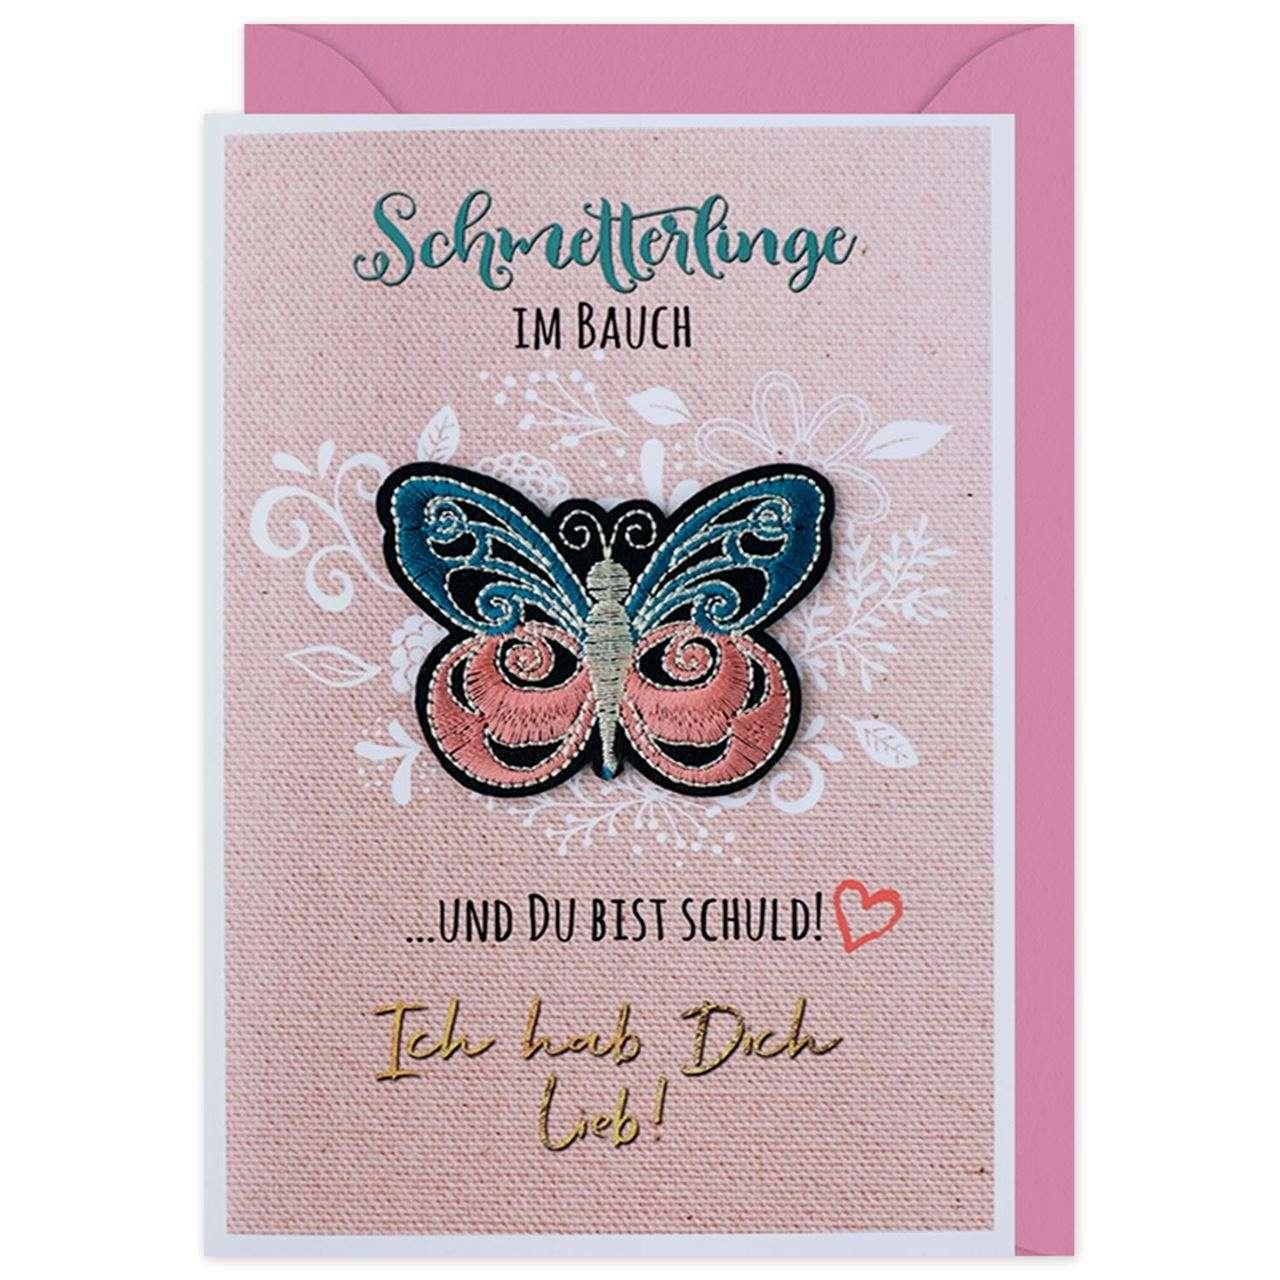 Schmetterlinge im bauch lustige bilder